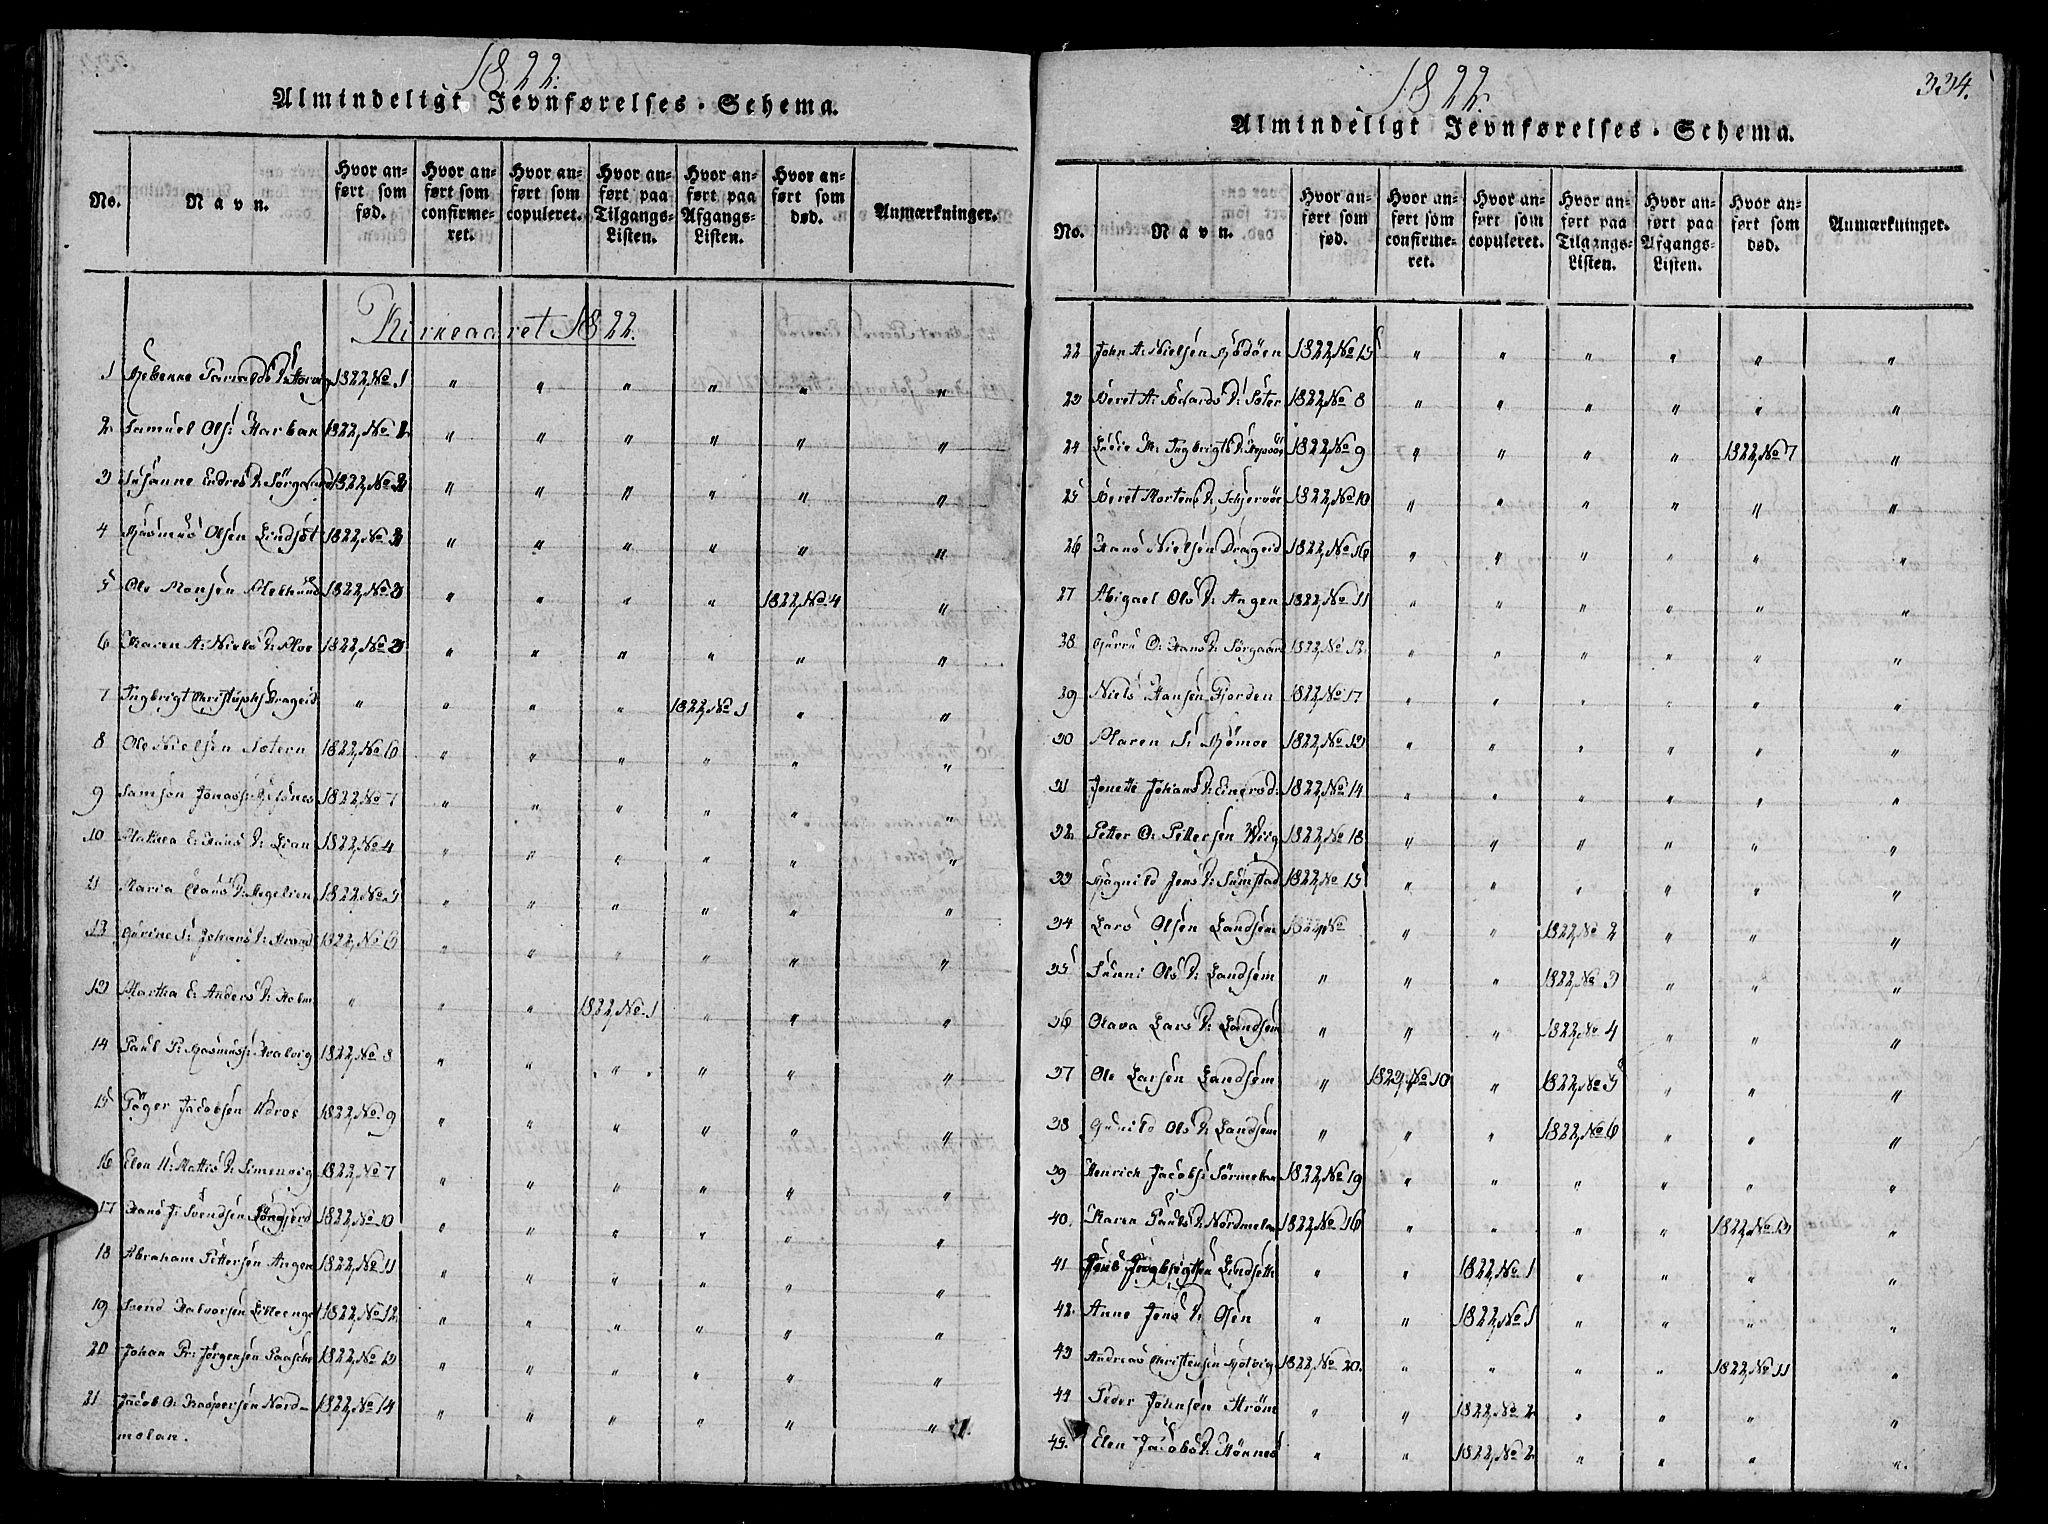 SAT, Ministerialprotokoller, klokkerbøker og fødselsregistre - Sør-Trøndelag, 657/L0702: Ministerialbok nr. 657A03, 1818-1831, s. 334